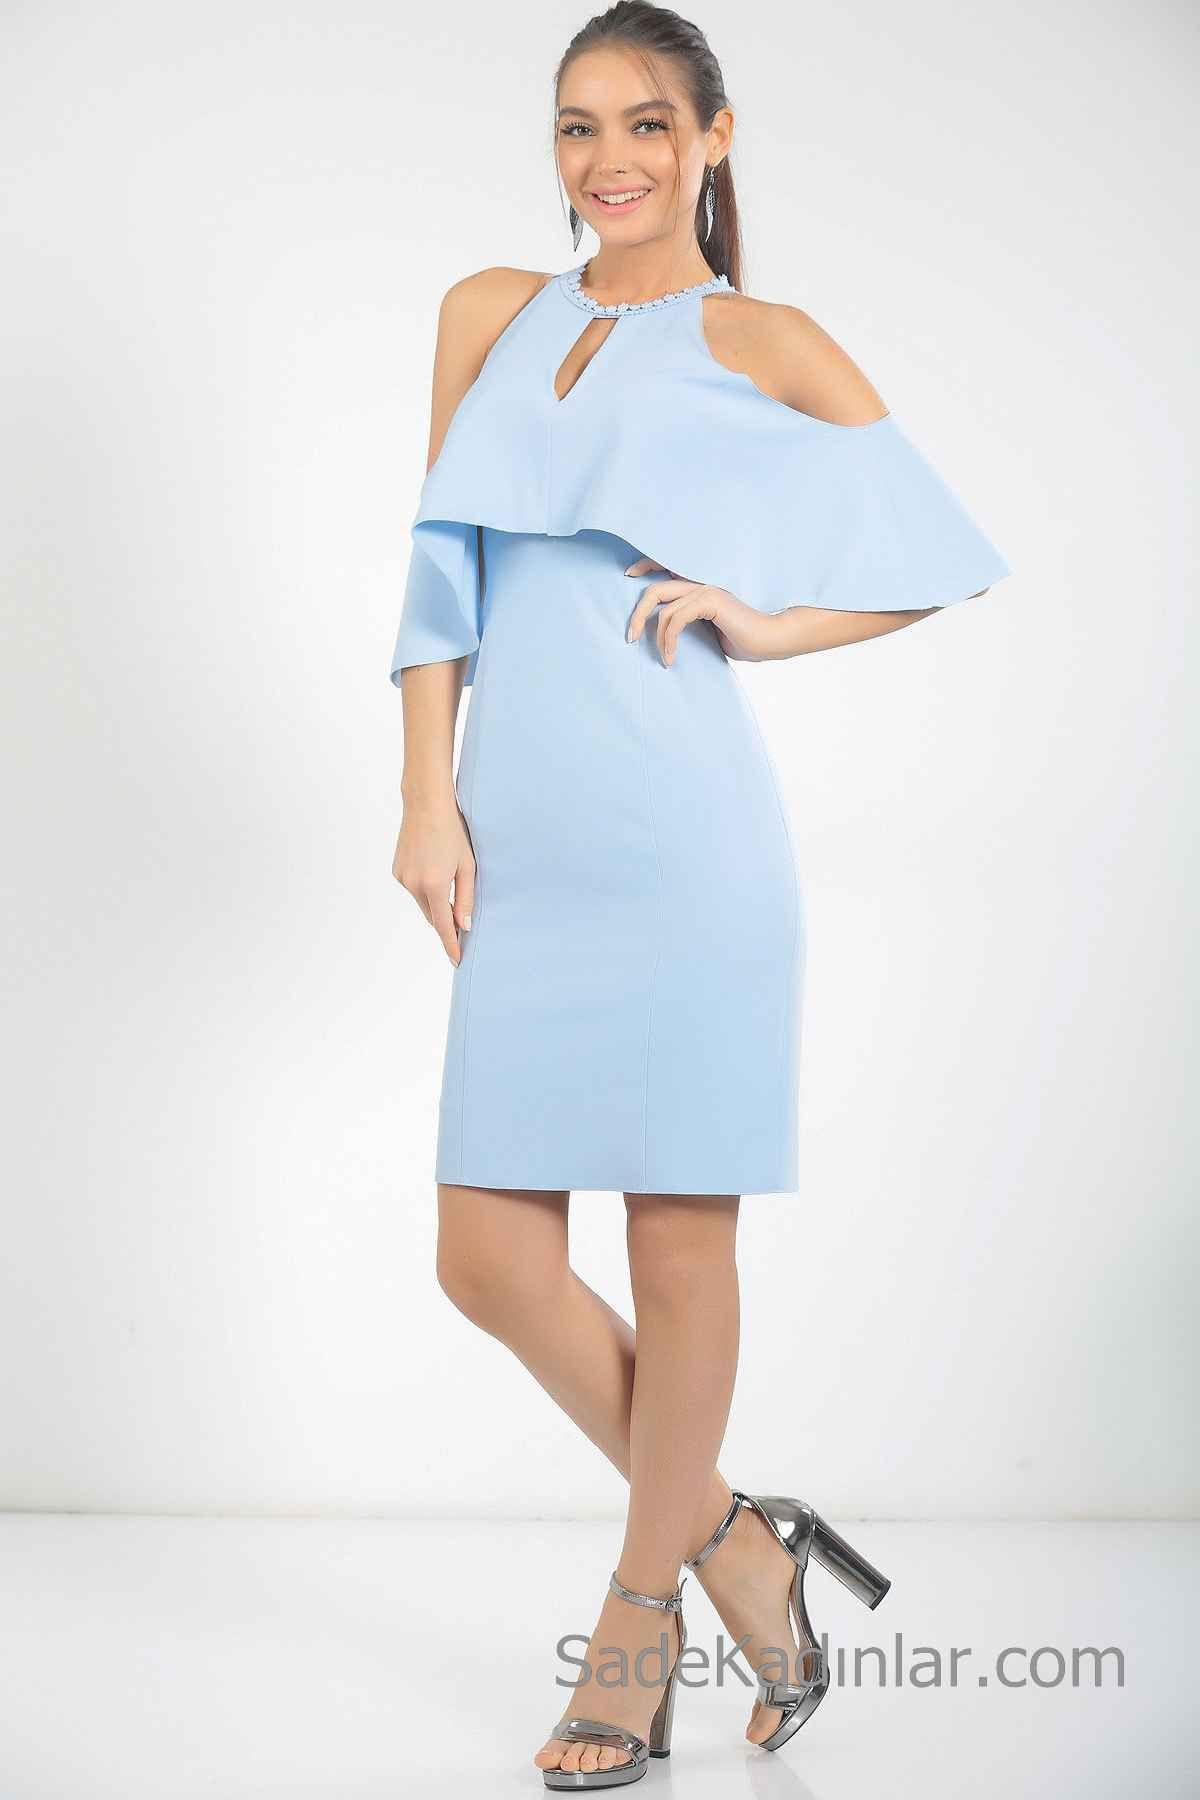 2020 Bebe Mavisi Elbise Modelleri Kisa Omzu Acik Dusuk Kol Volanli Yaka Elbise Modelleri Elbise Mini Elbiseler